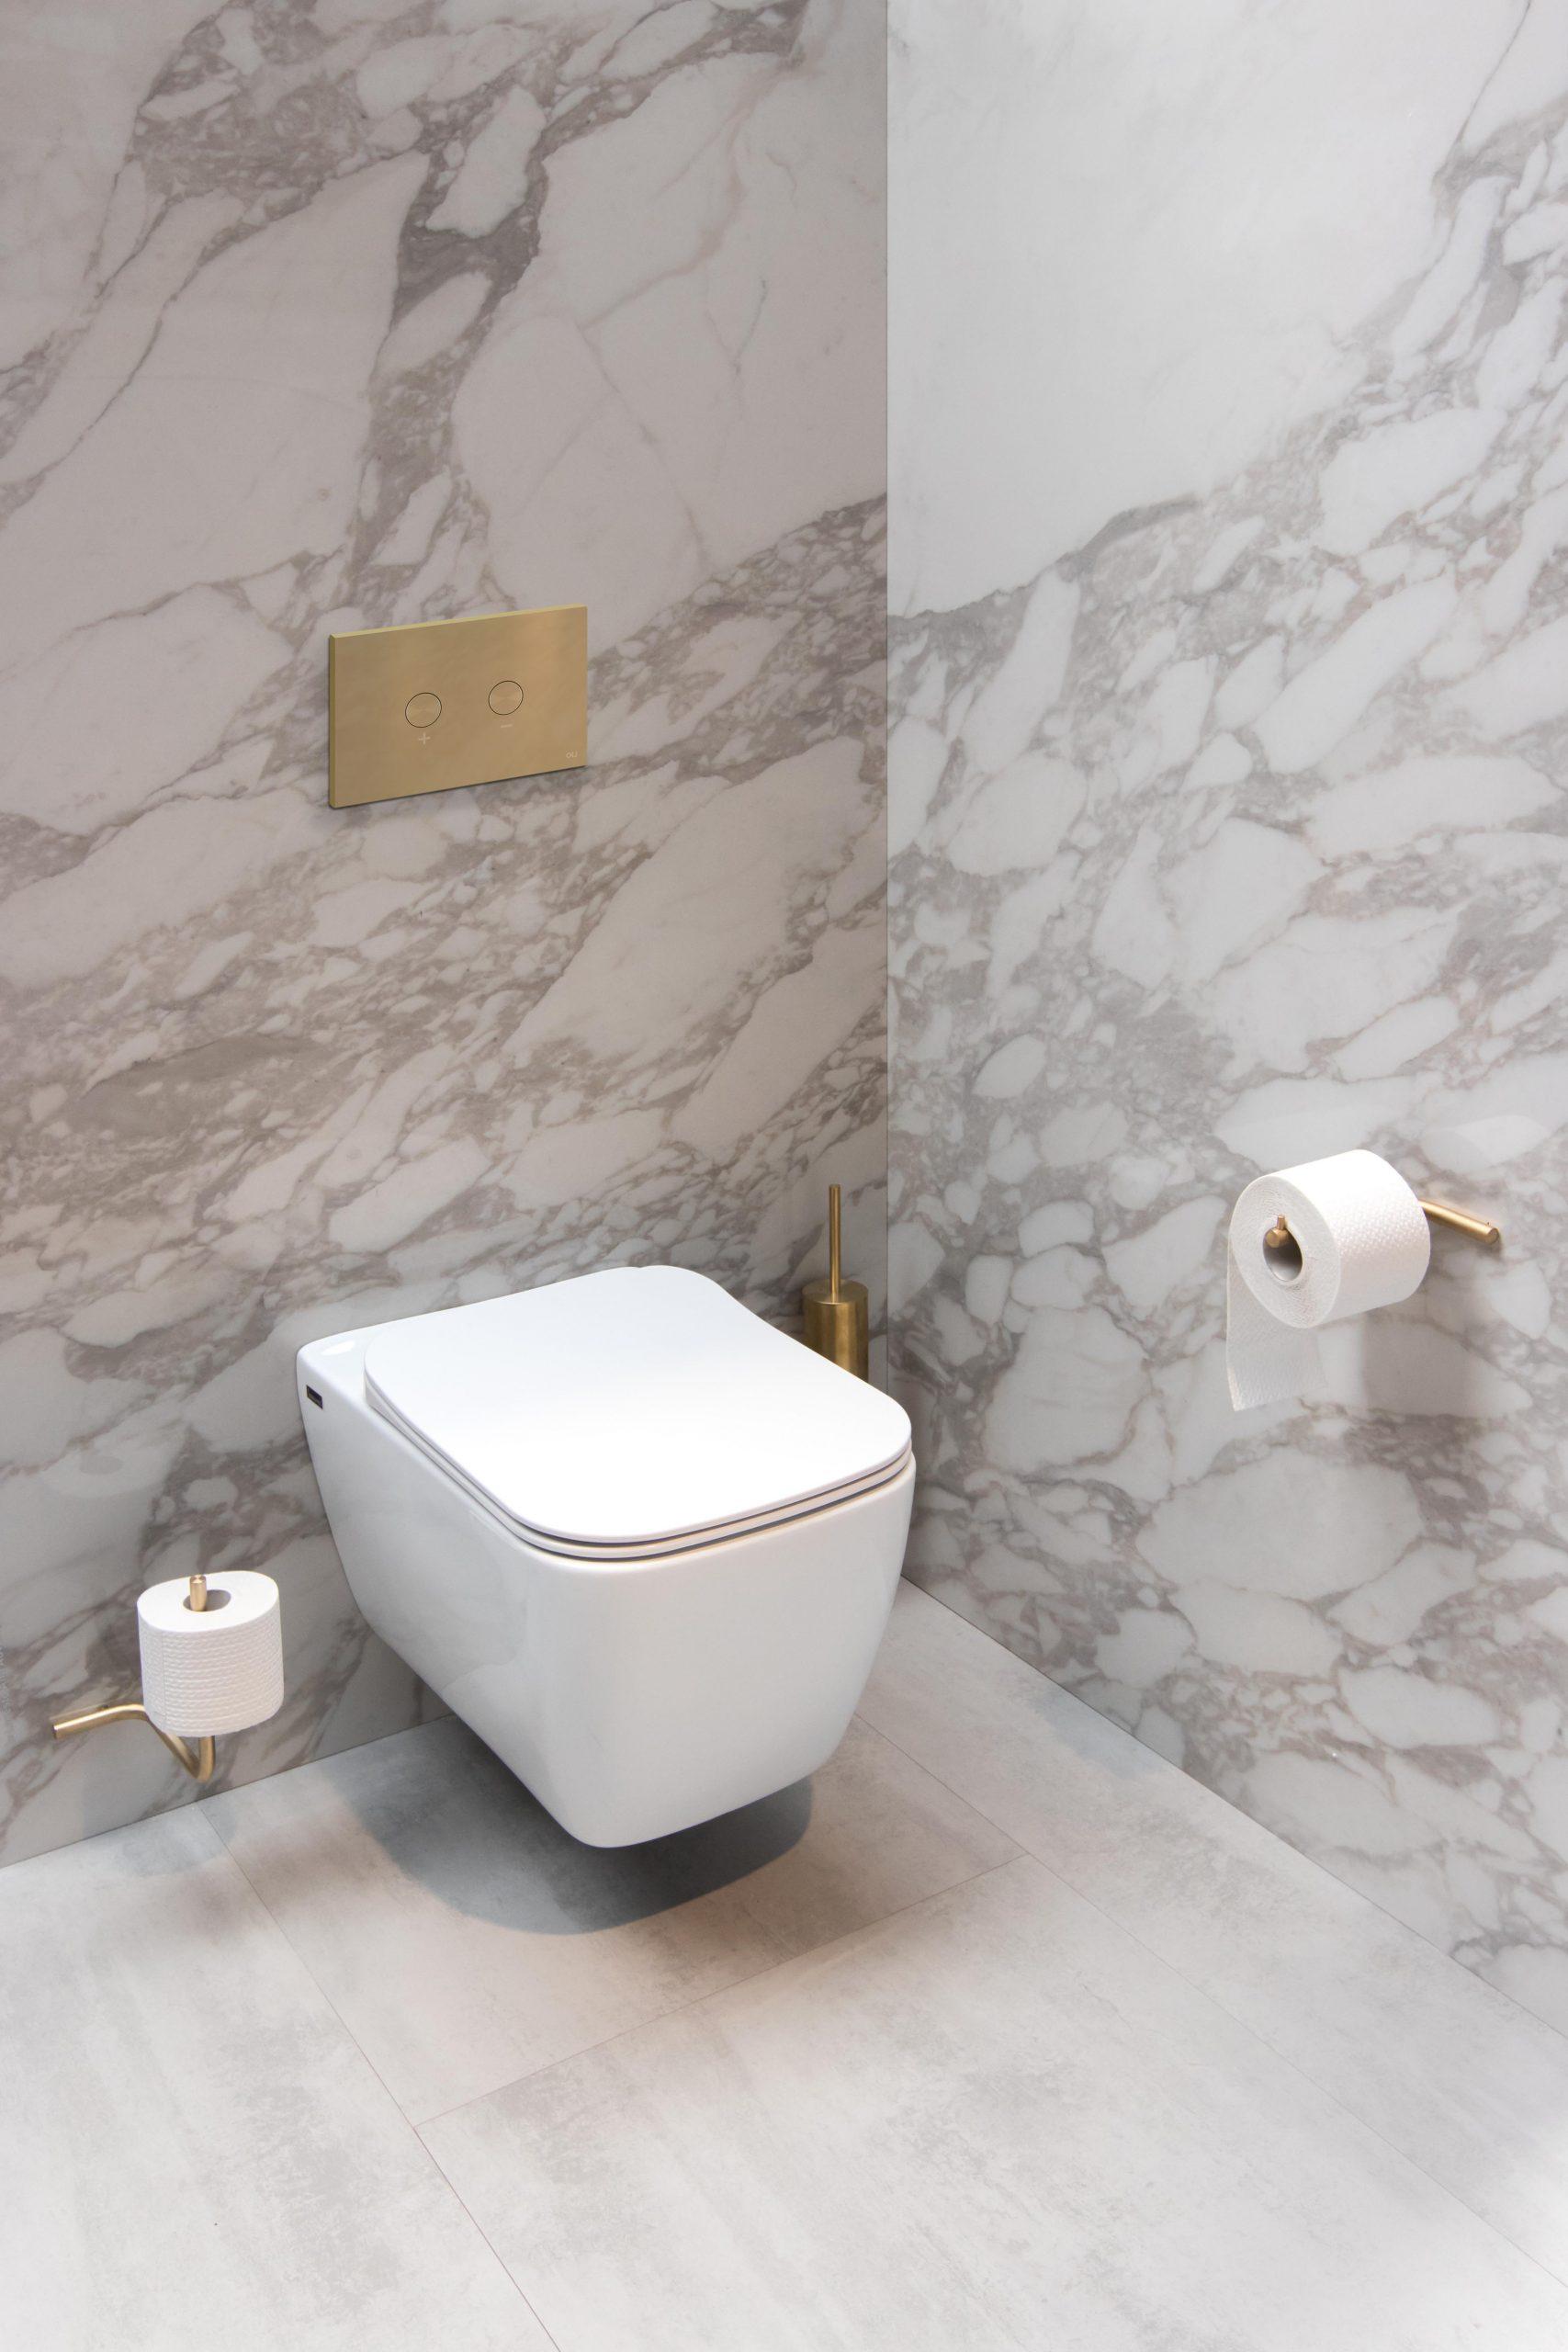 Mijn-bad-in-stijl-natuursteen-badkamer-wc